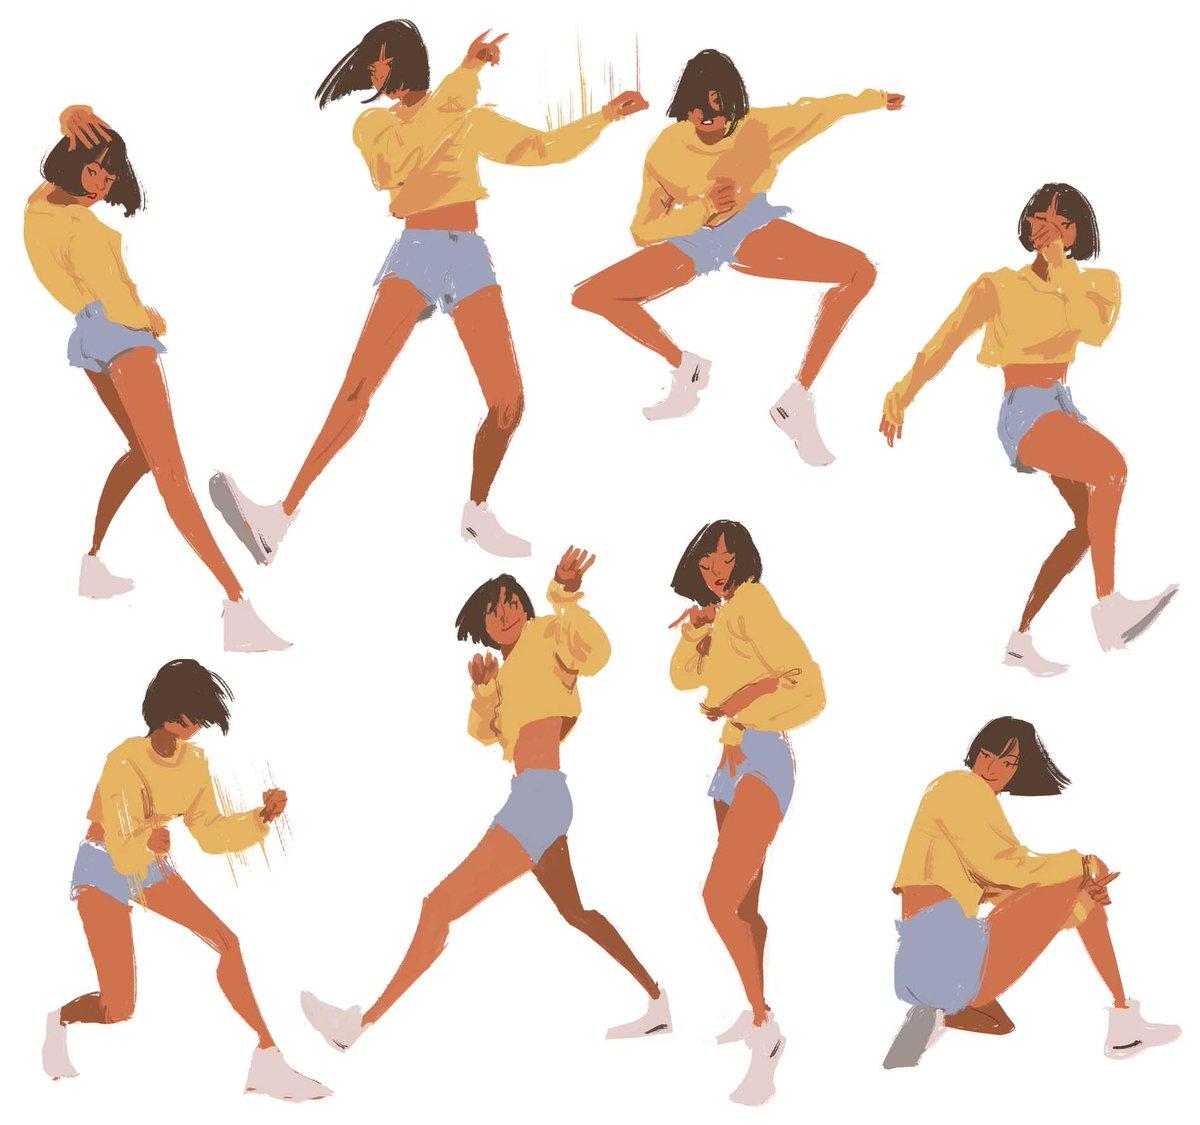 очень картинки с простыми движениями для танцев городах моря